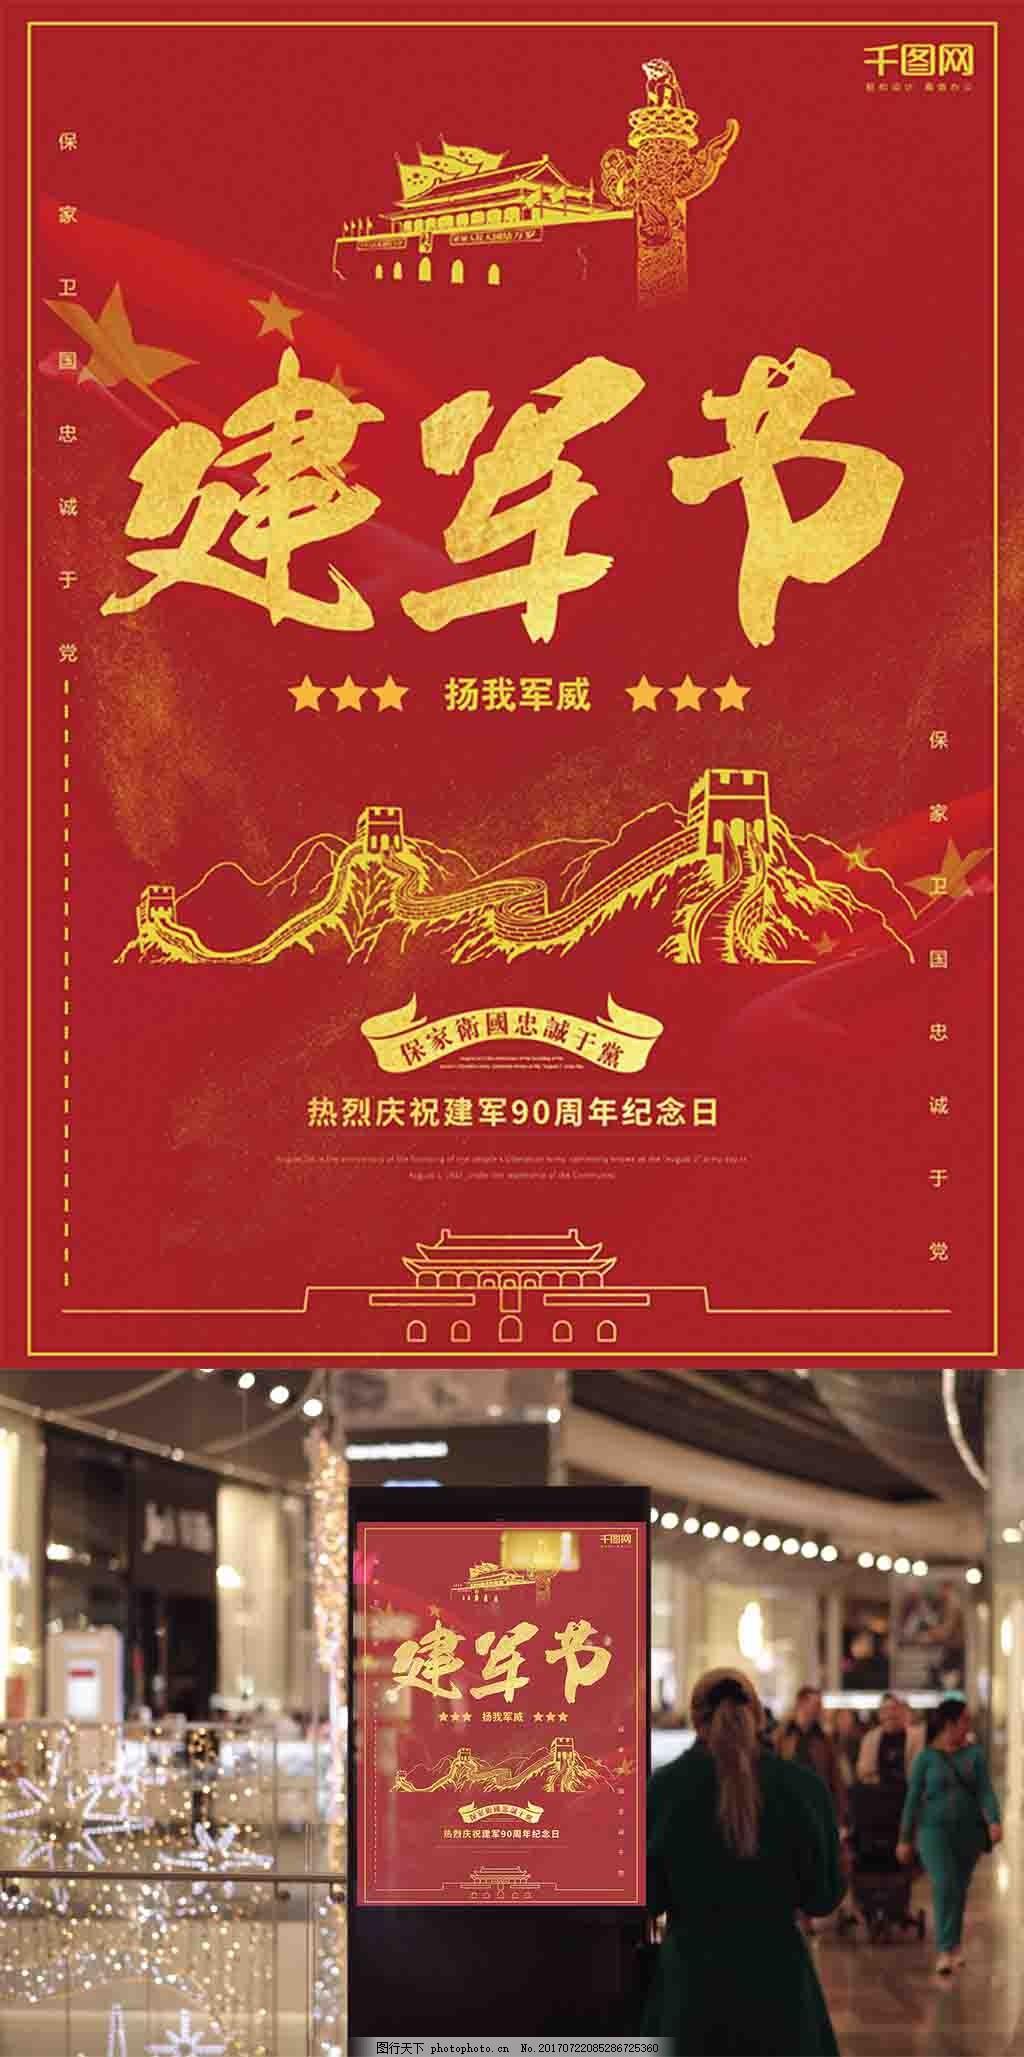 红色八一建军节创意商业海报设计模板 核心价值观 听党指挥 军队文化